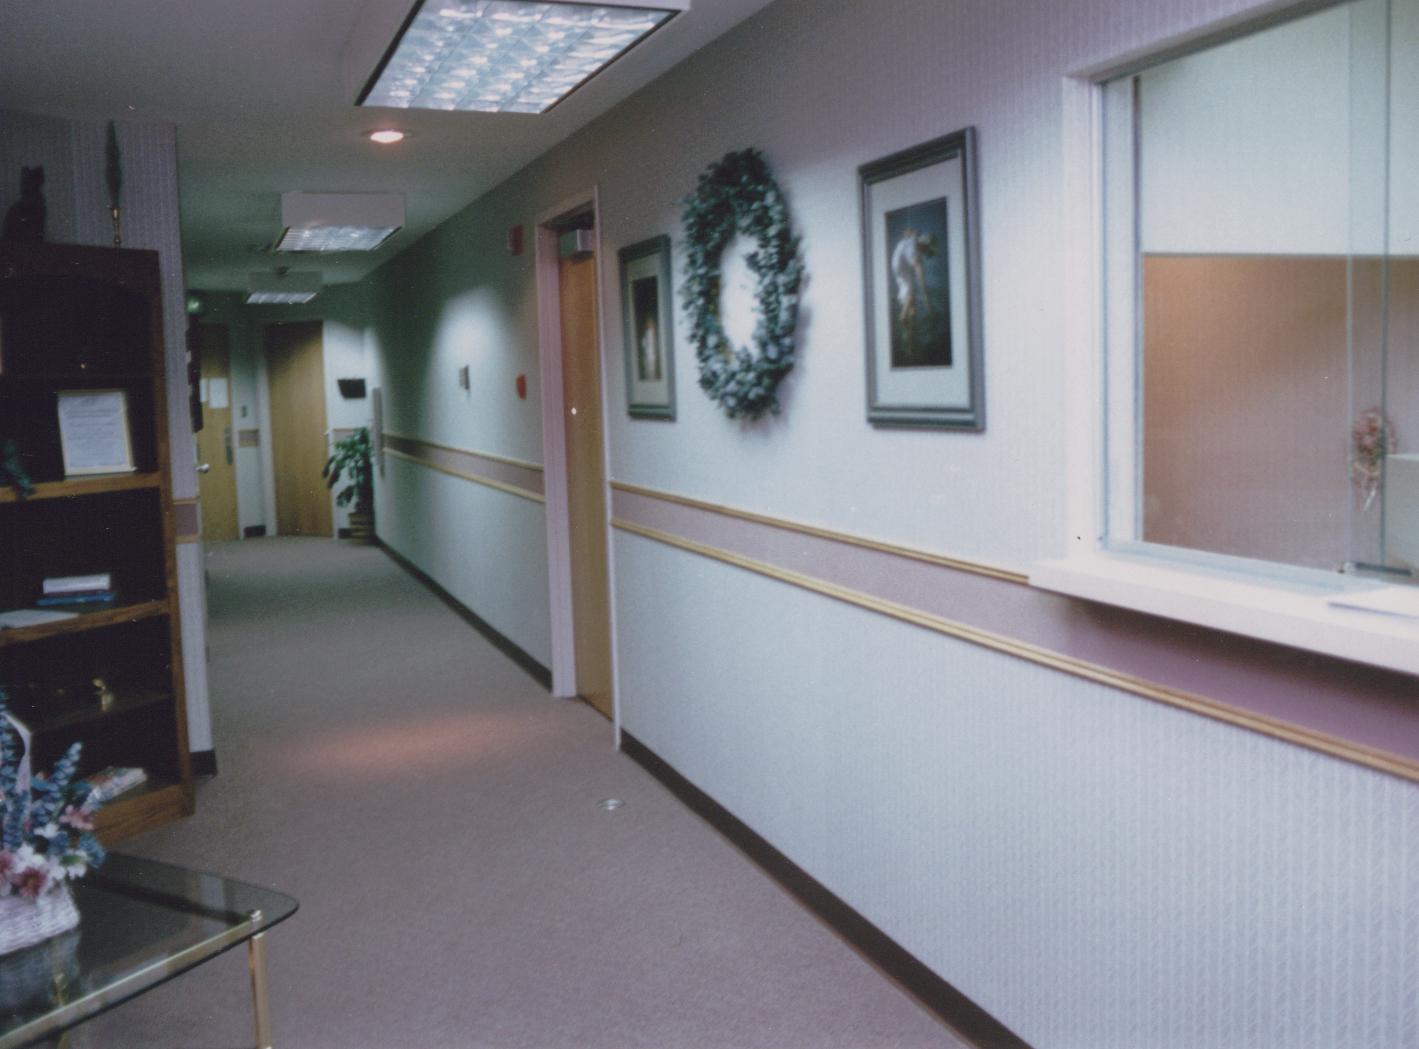 rush_hospital_nurses_station1.jpg